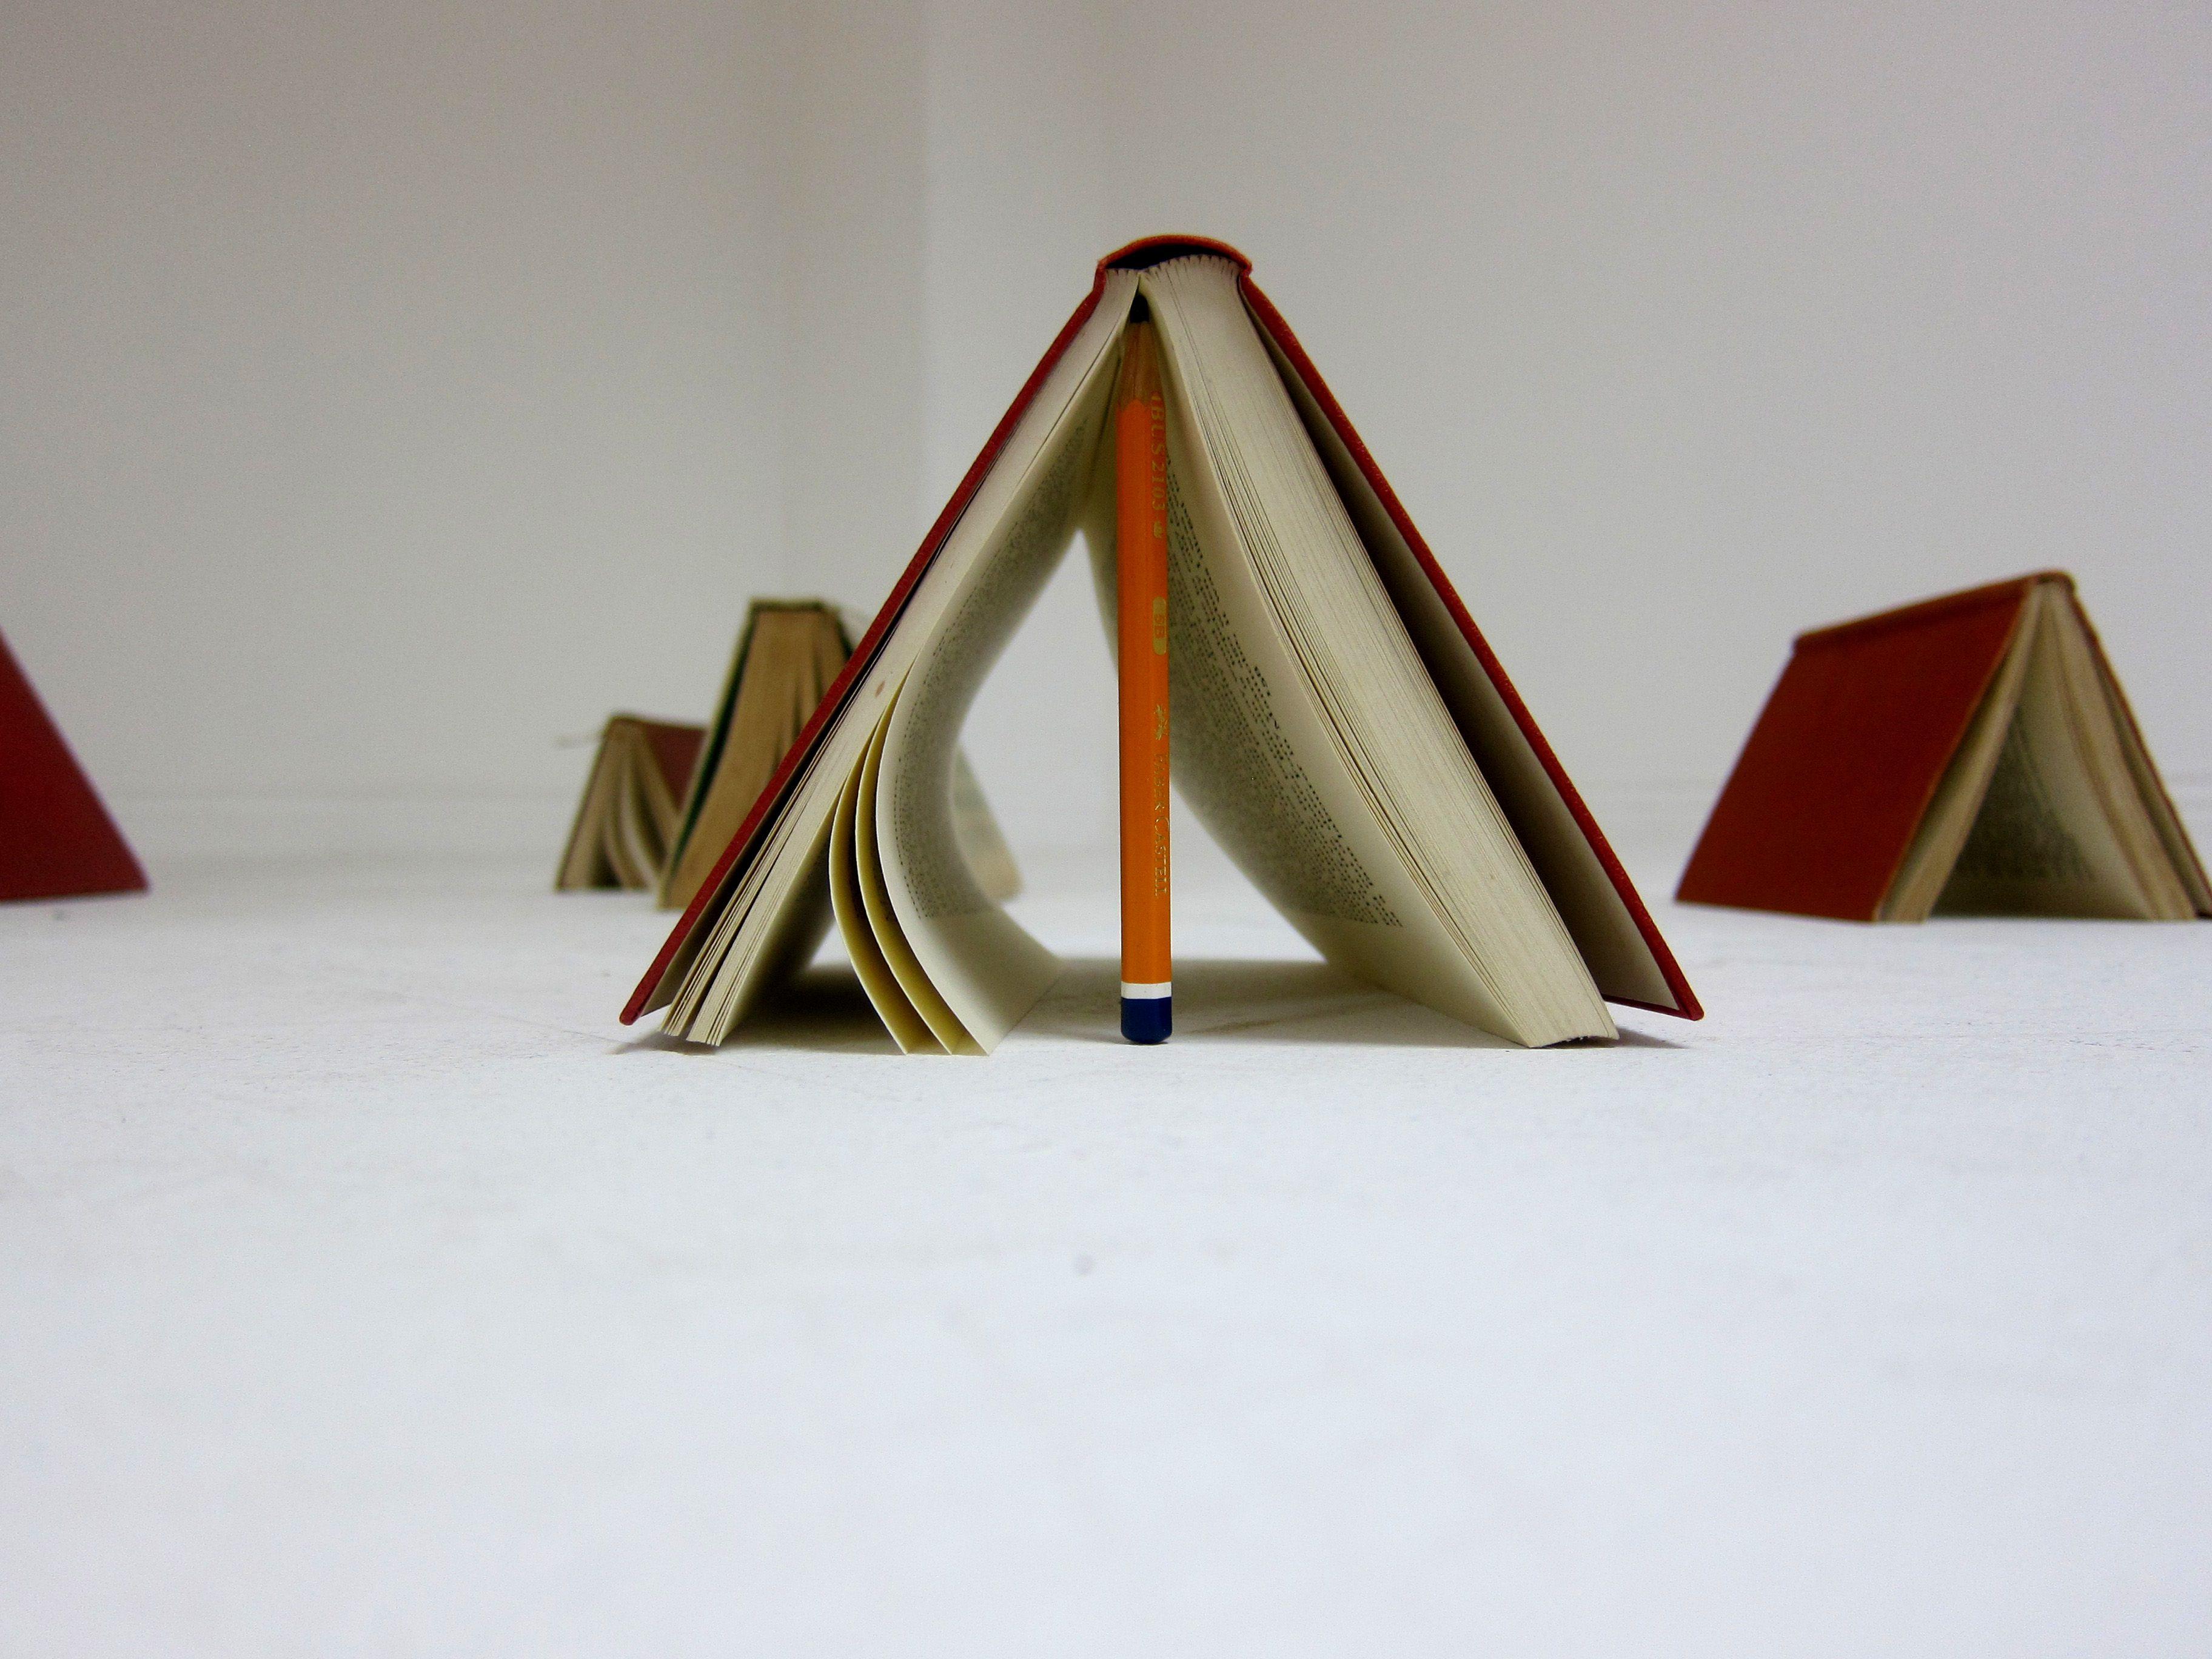 book-tents-close-up.jpg 3648×2736 pixels & book-tents-close-up.jpg 3648×2736 pixels | MOODBOARD ...